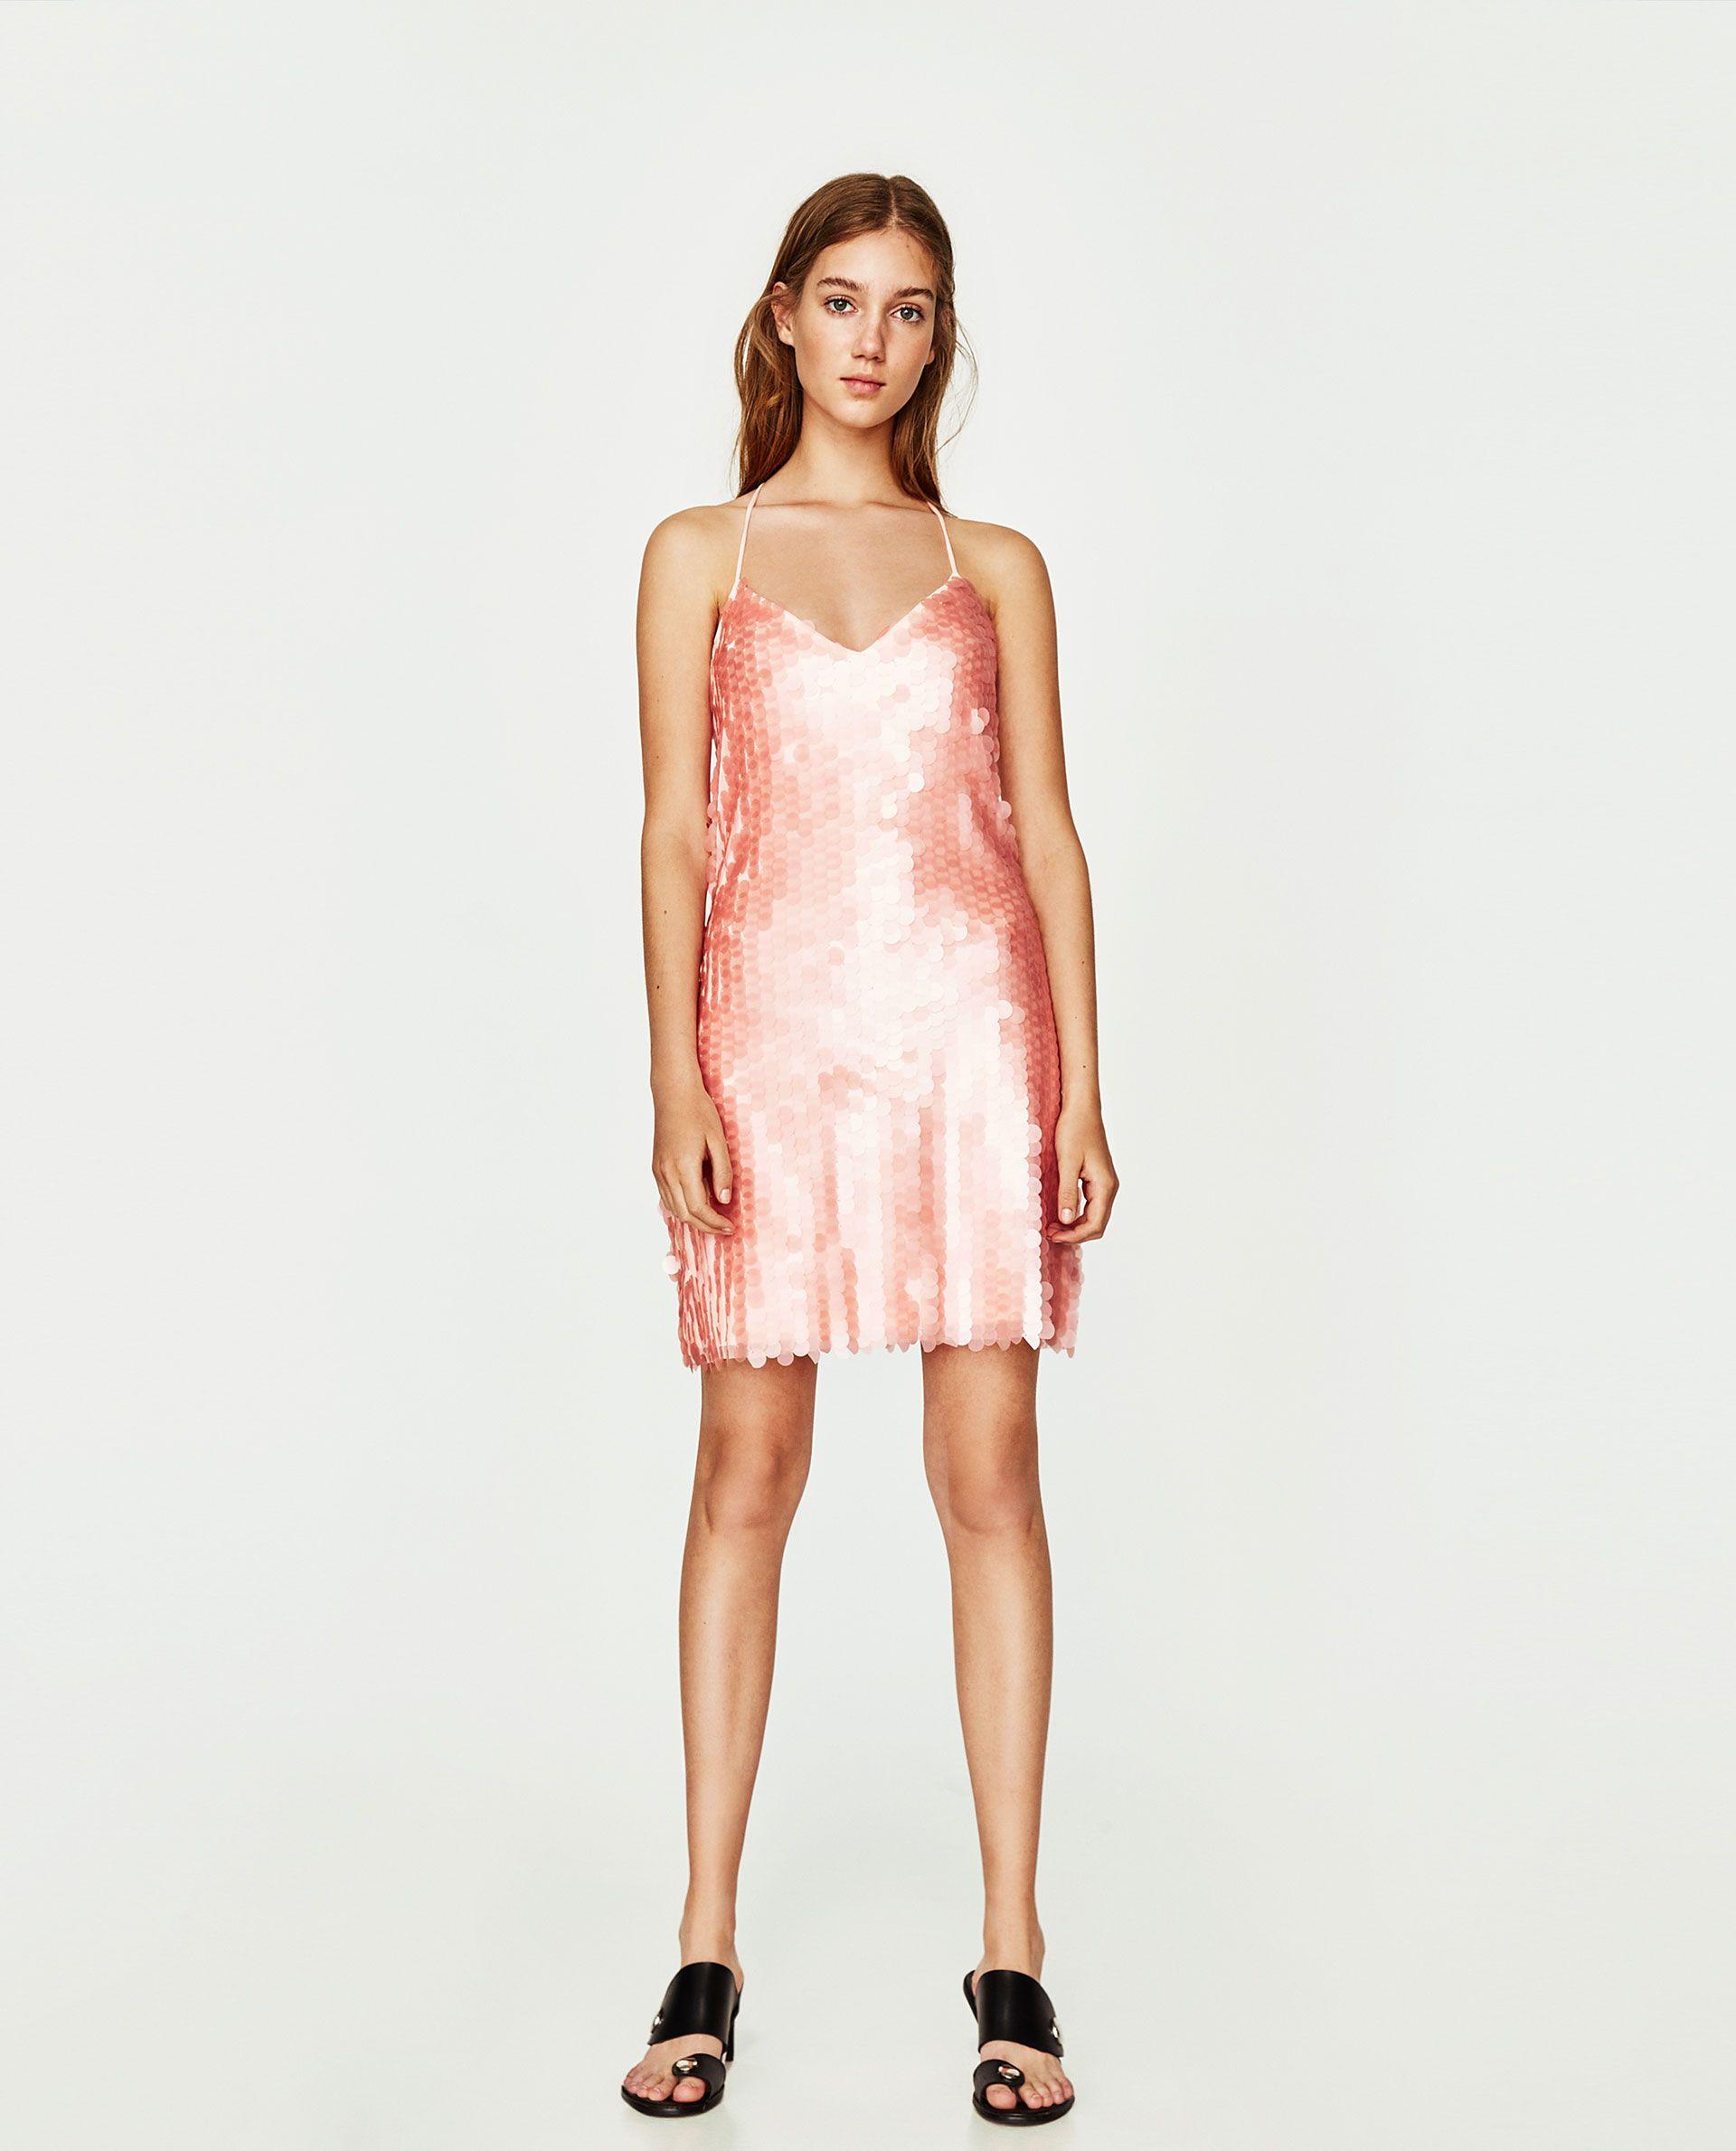 ZARA - WOMAN - MATTE SEQUINNED DRESS 4cec9008379e